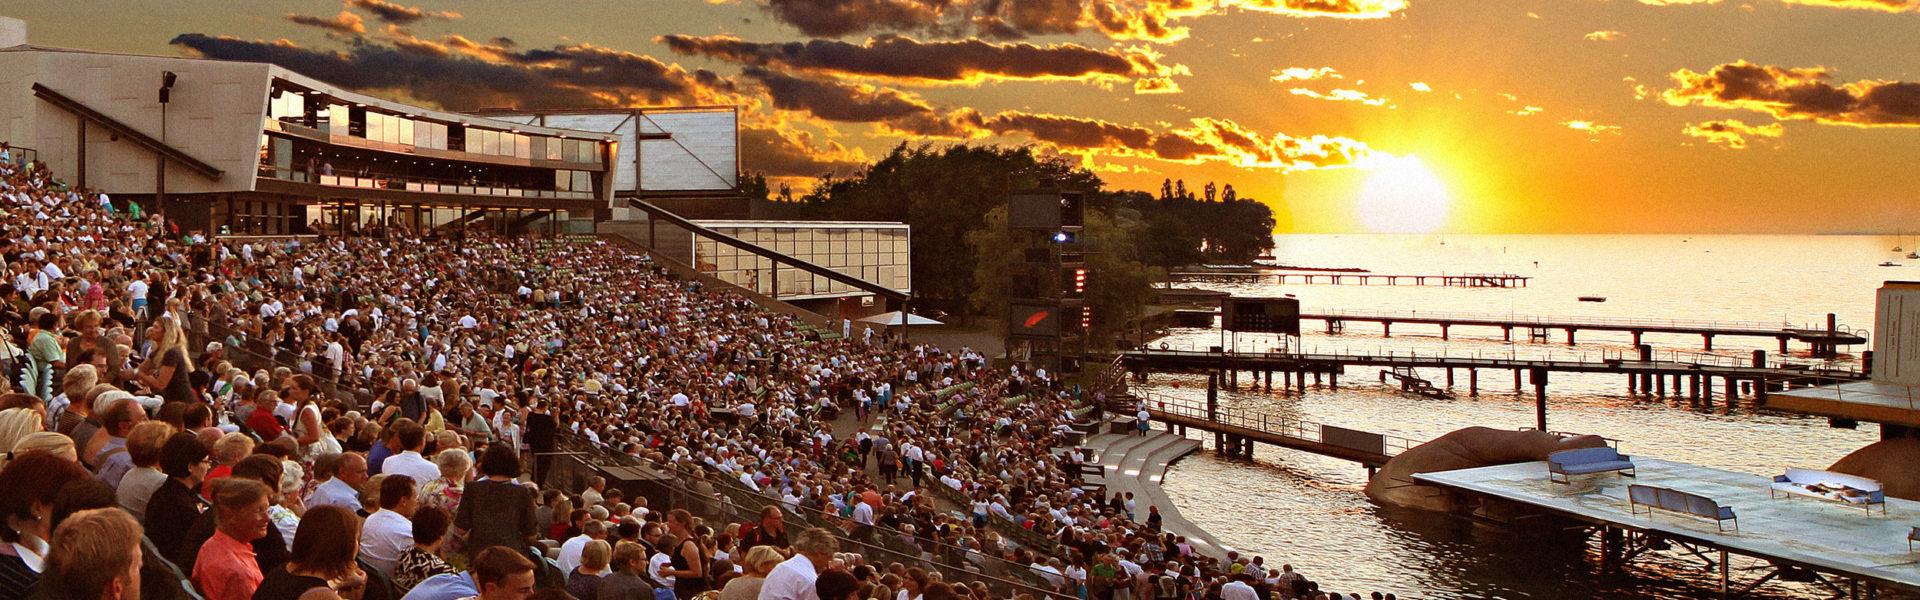 Spiel auf dem See, Seebühne Bodensee, Festivals in Vorarlberg (c) Foto Bregenzer Festspiele